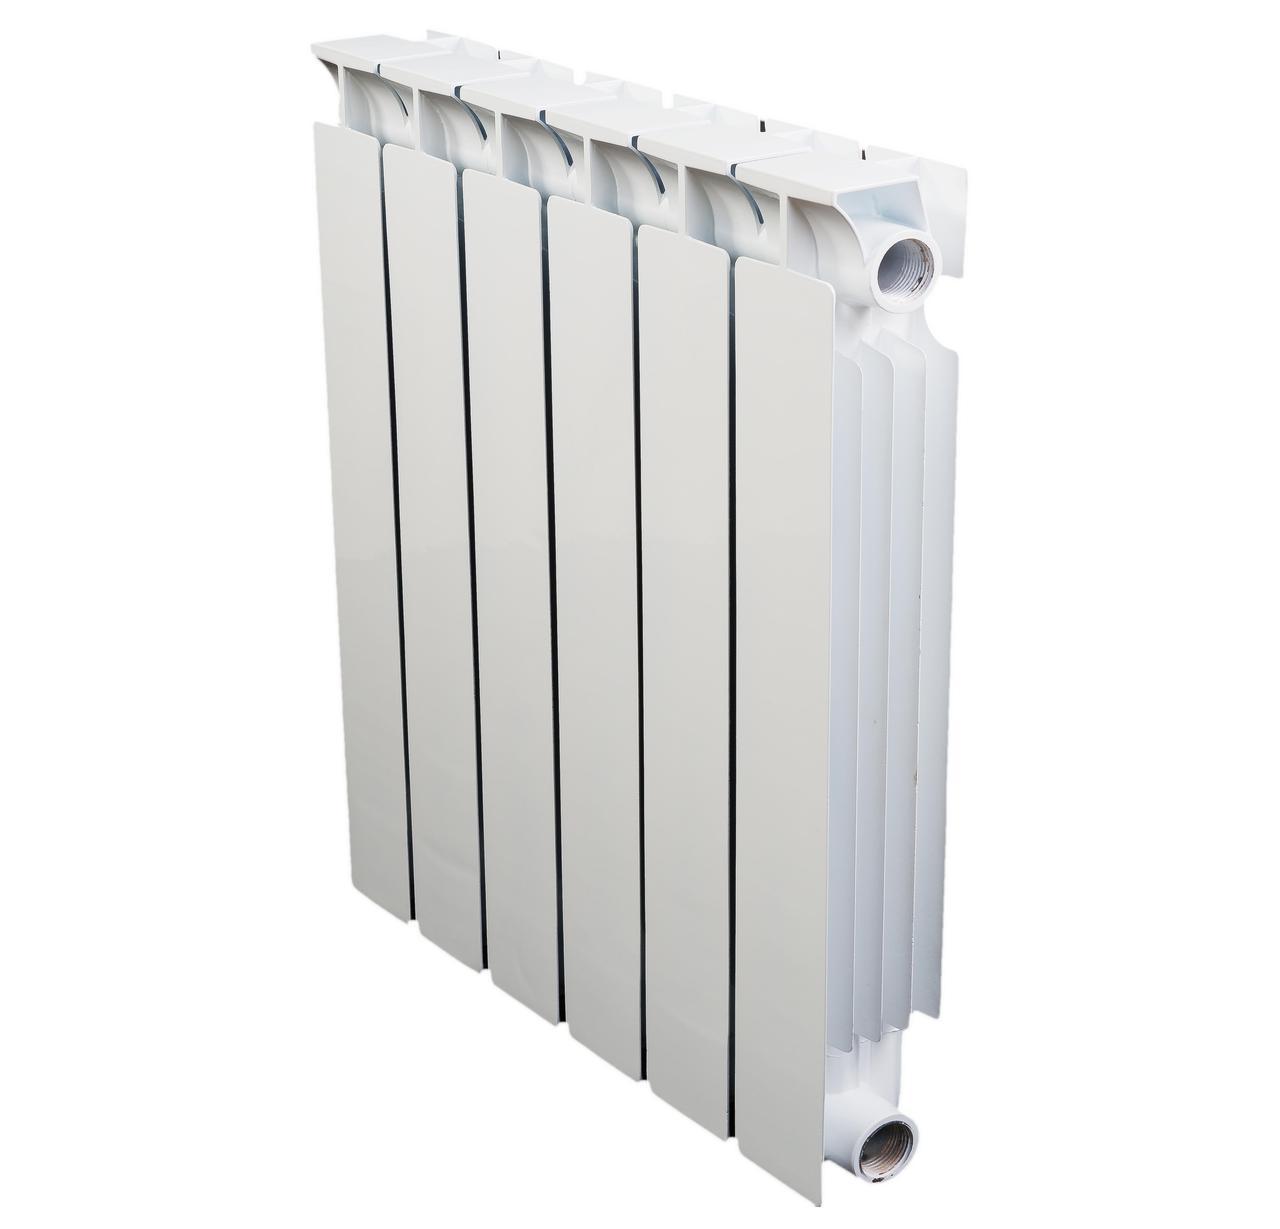 Радиатор биметаллический АЛТЕРМО (ЛРБ) 500 - 12 секций